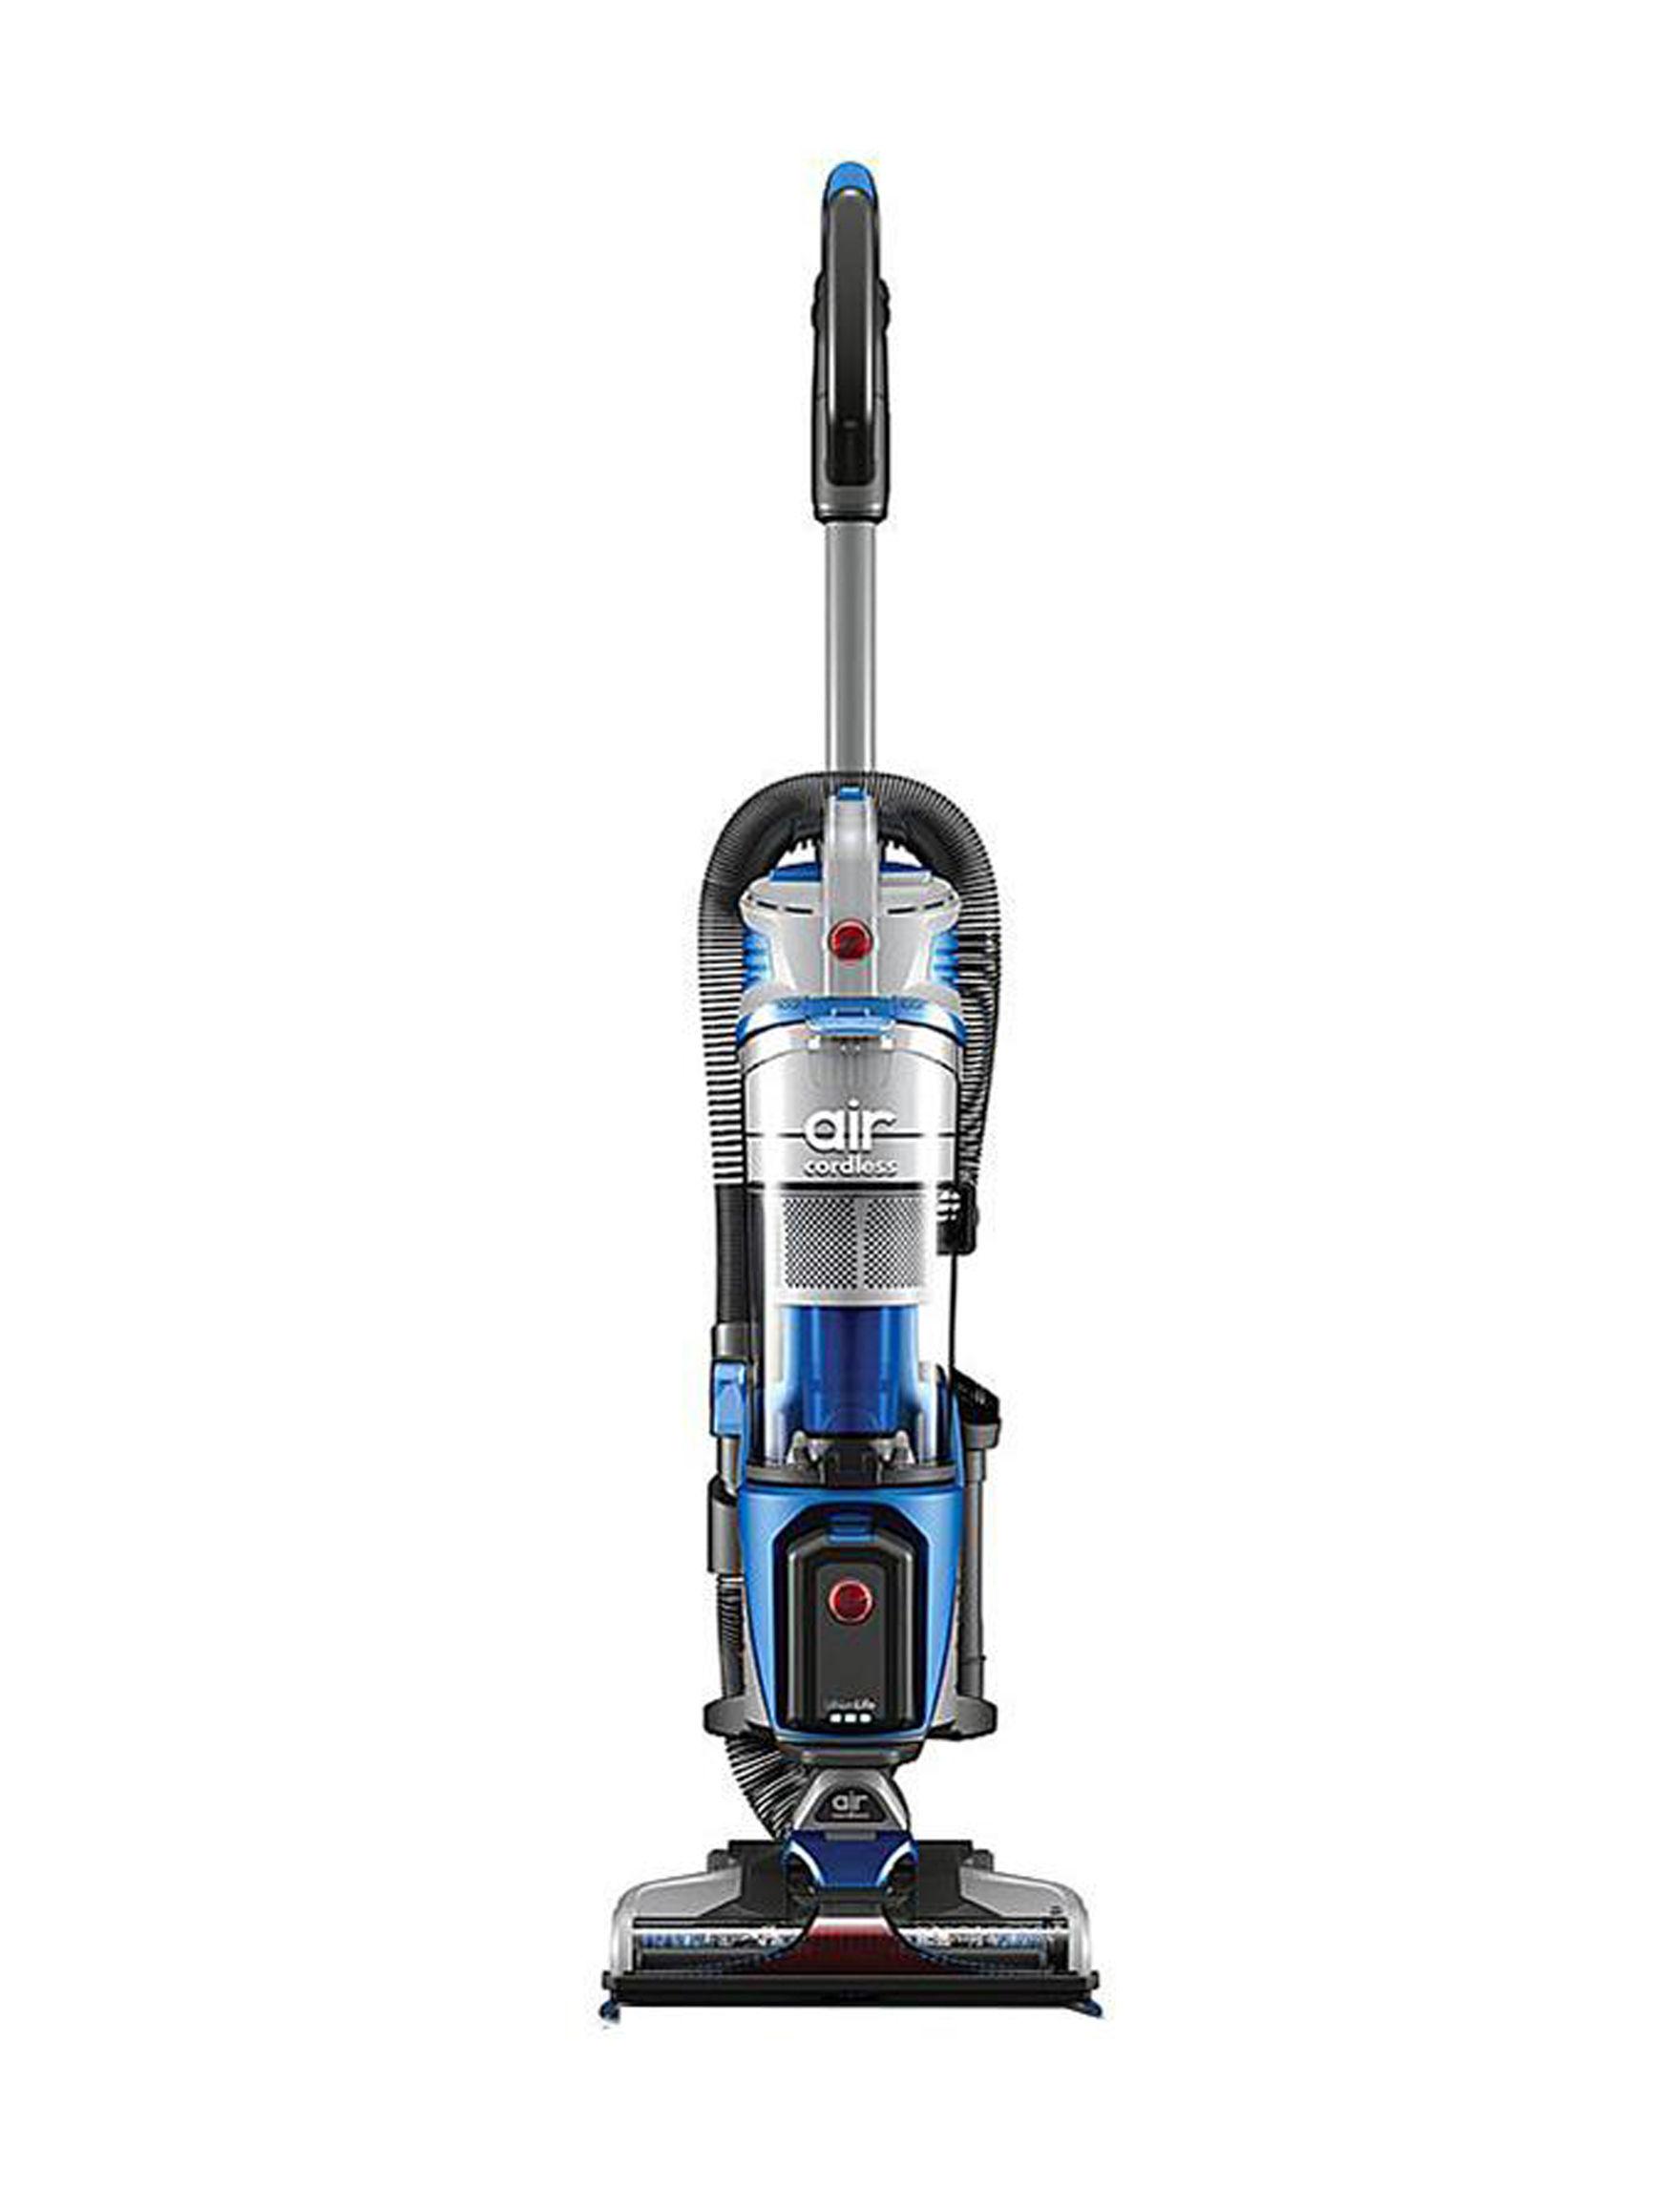 Hoover Black Vacuums & Floor Care